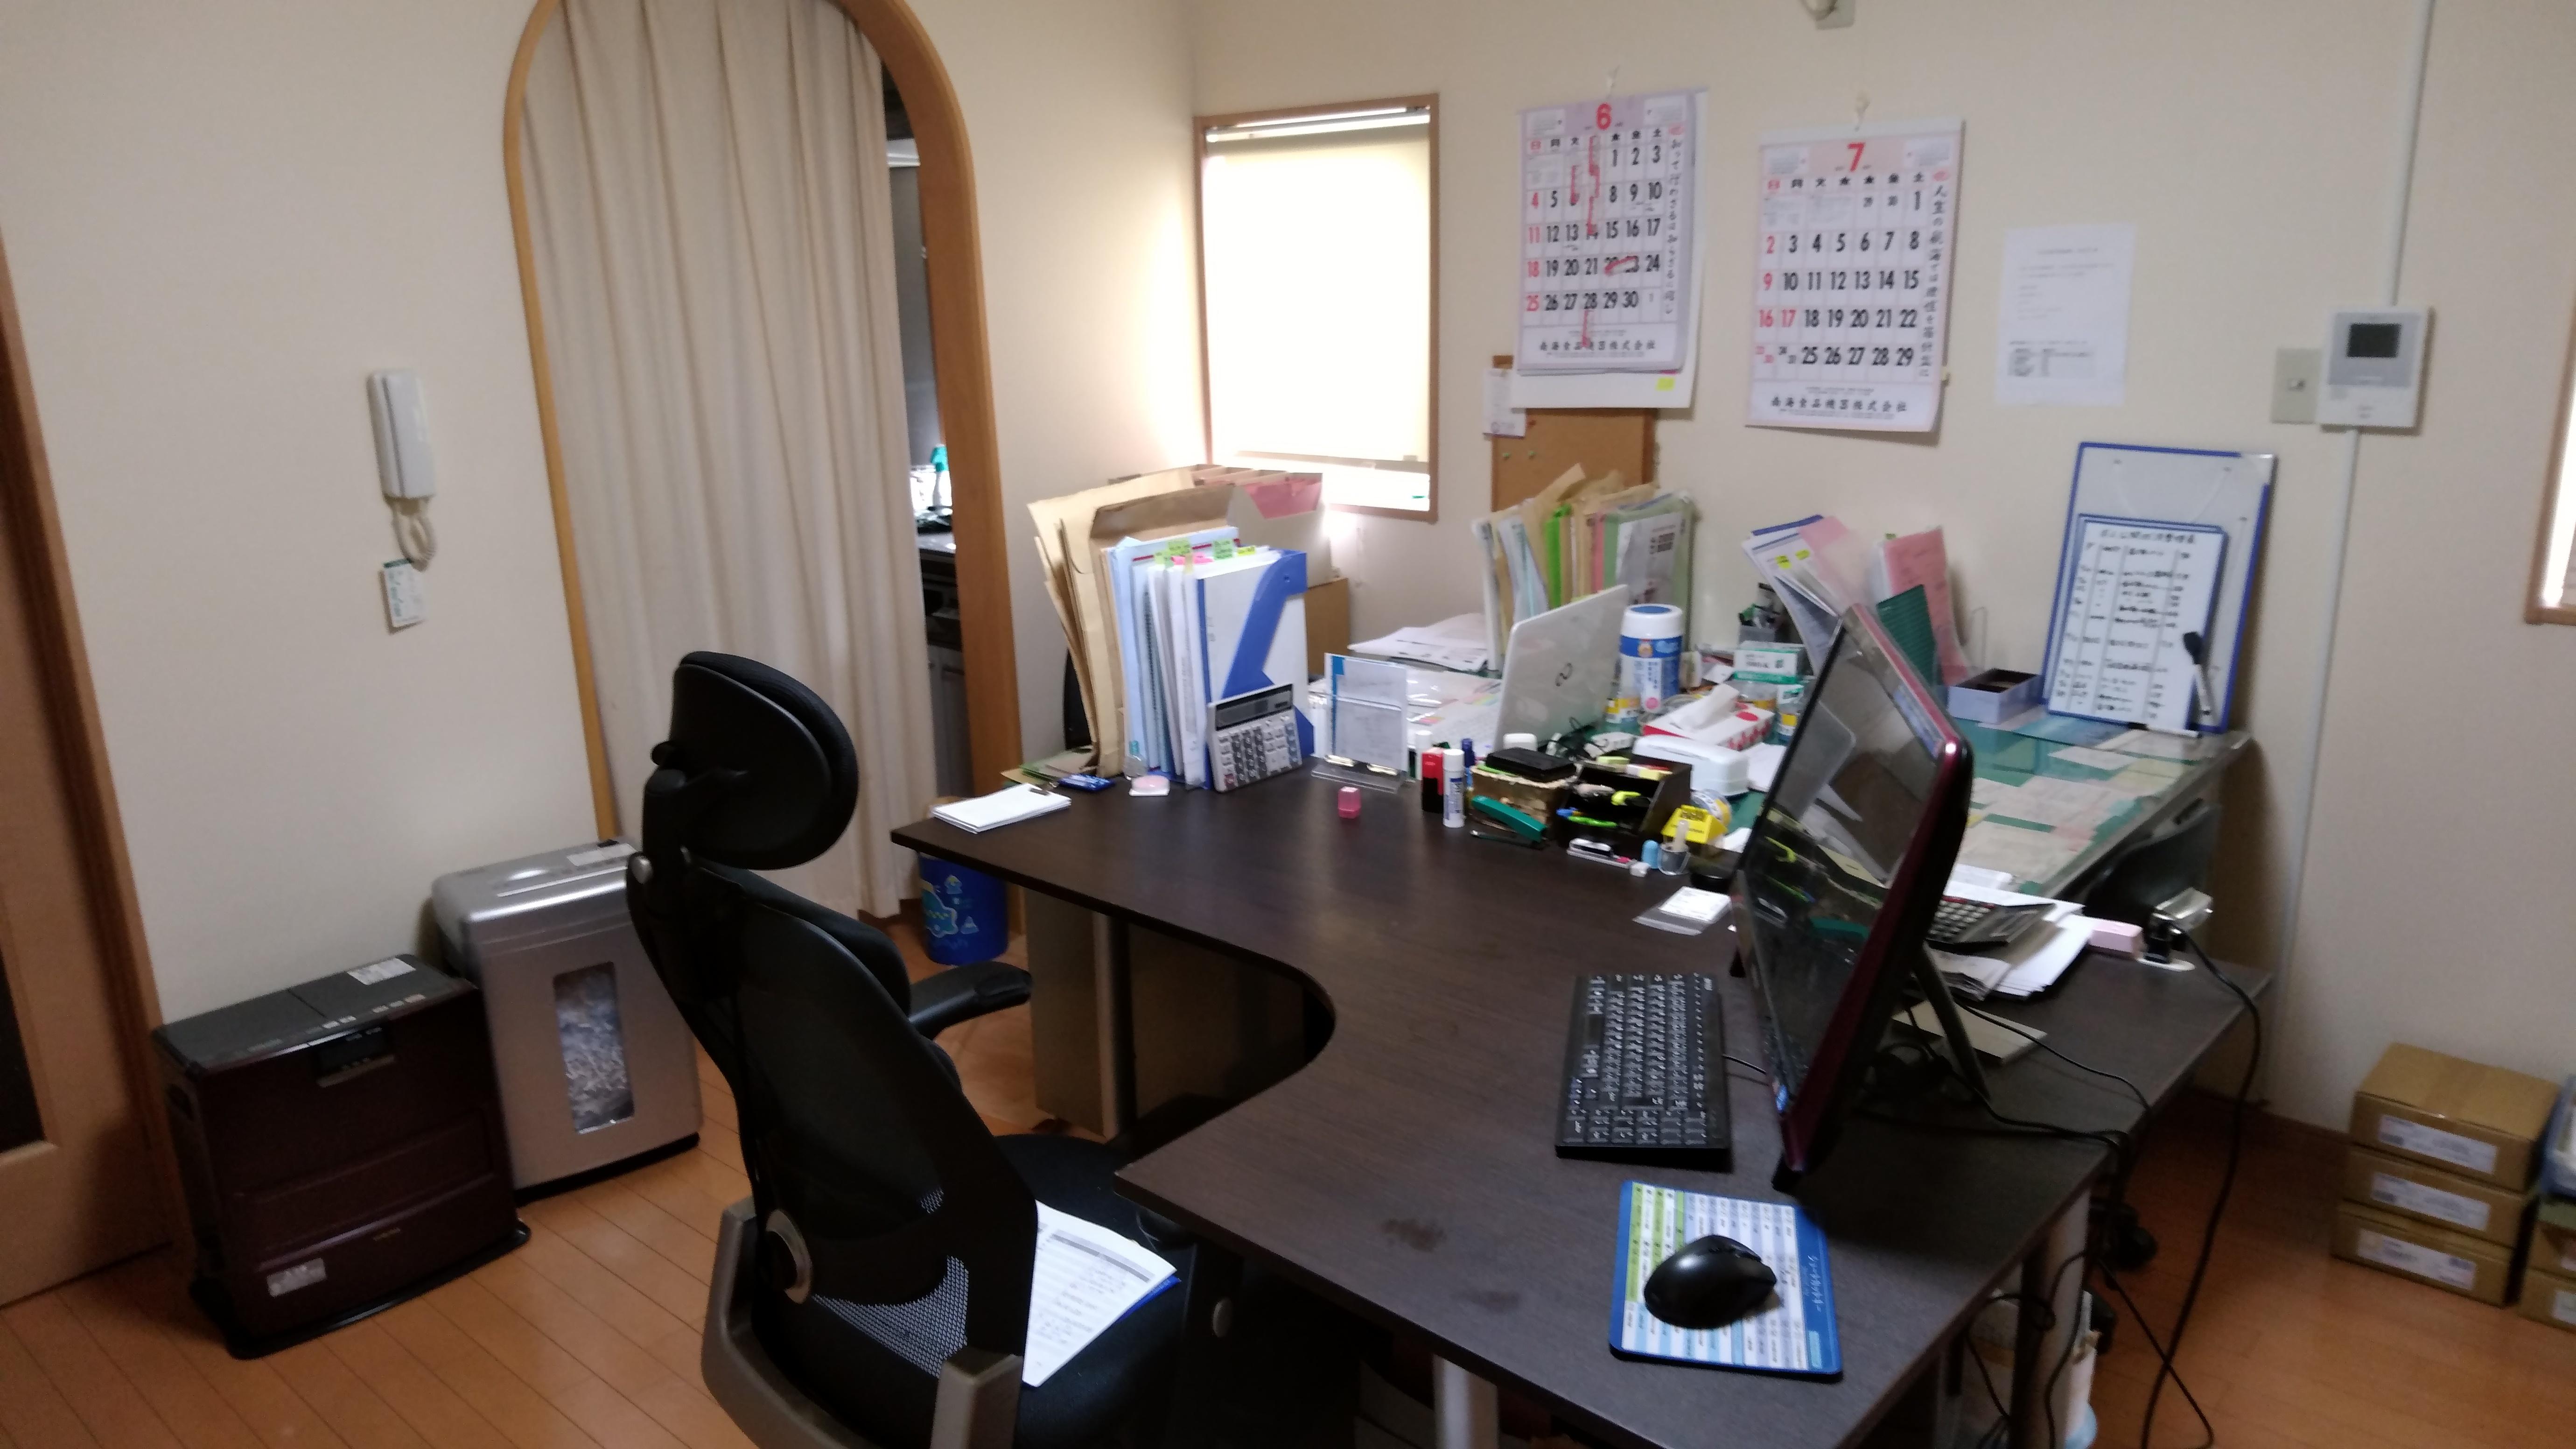 岡本社会保険労務士の事務所内の写真 1